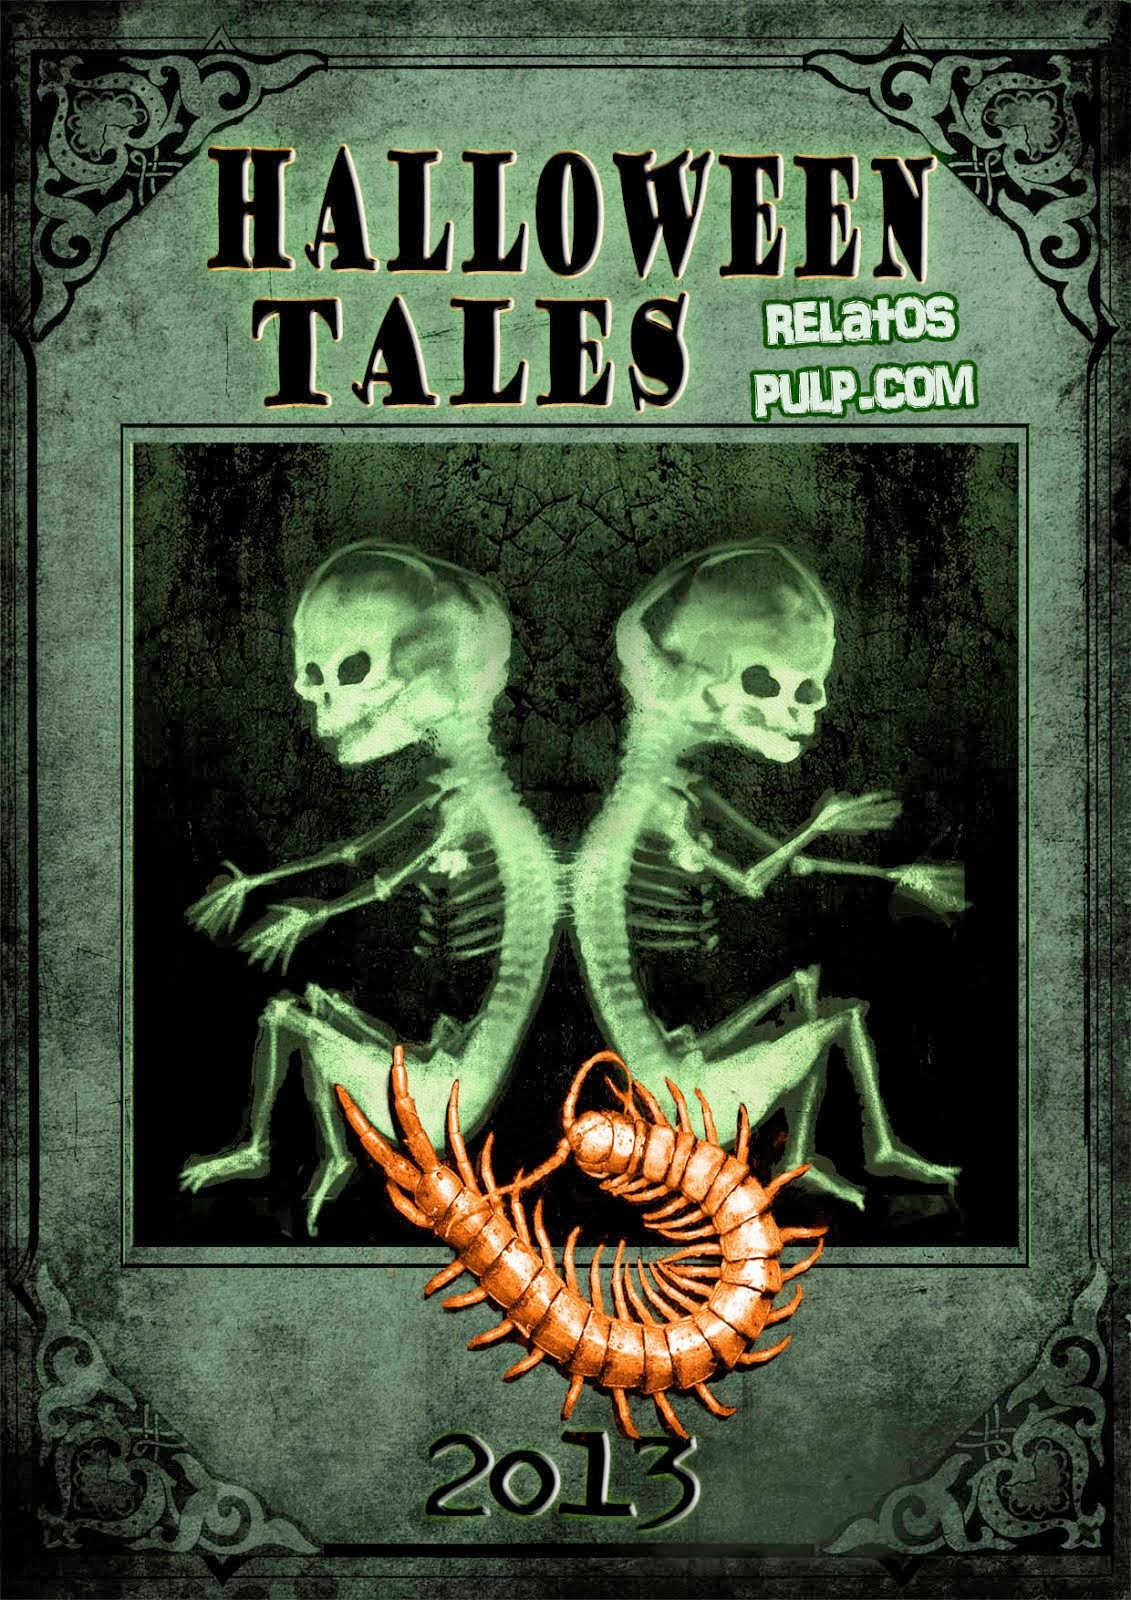 Publicaciones-Halloween Tales 2013